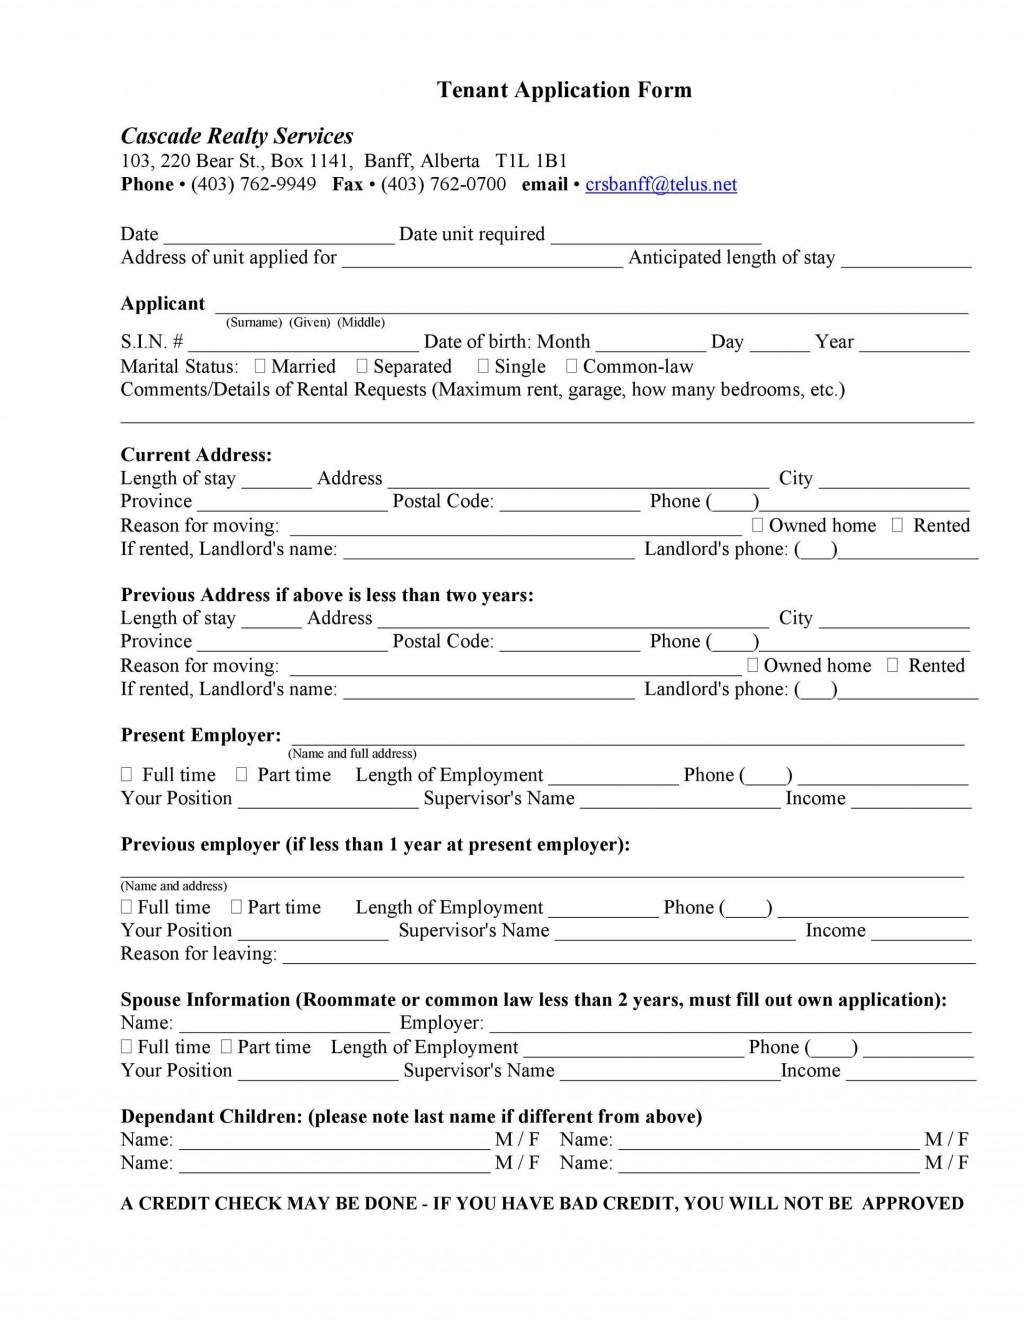 007 Remarkable Free Rental Application Template Highest Quality  Form Oregon Credit OnlineLarge